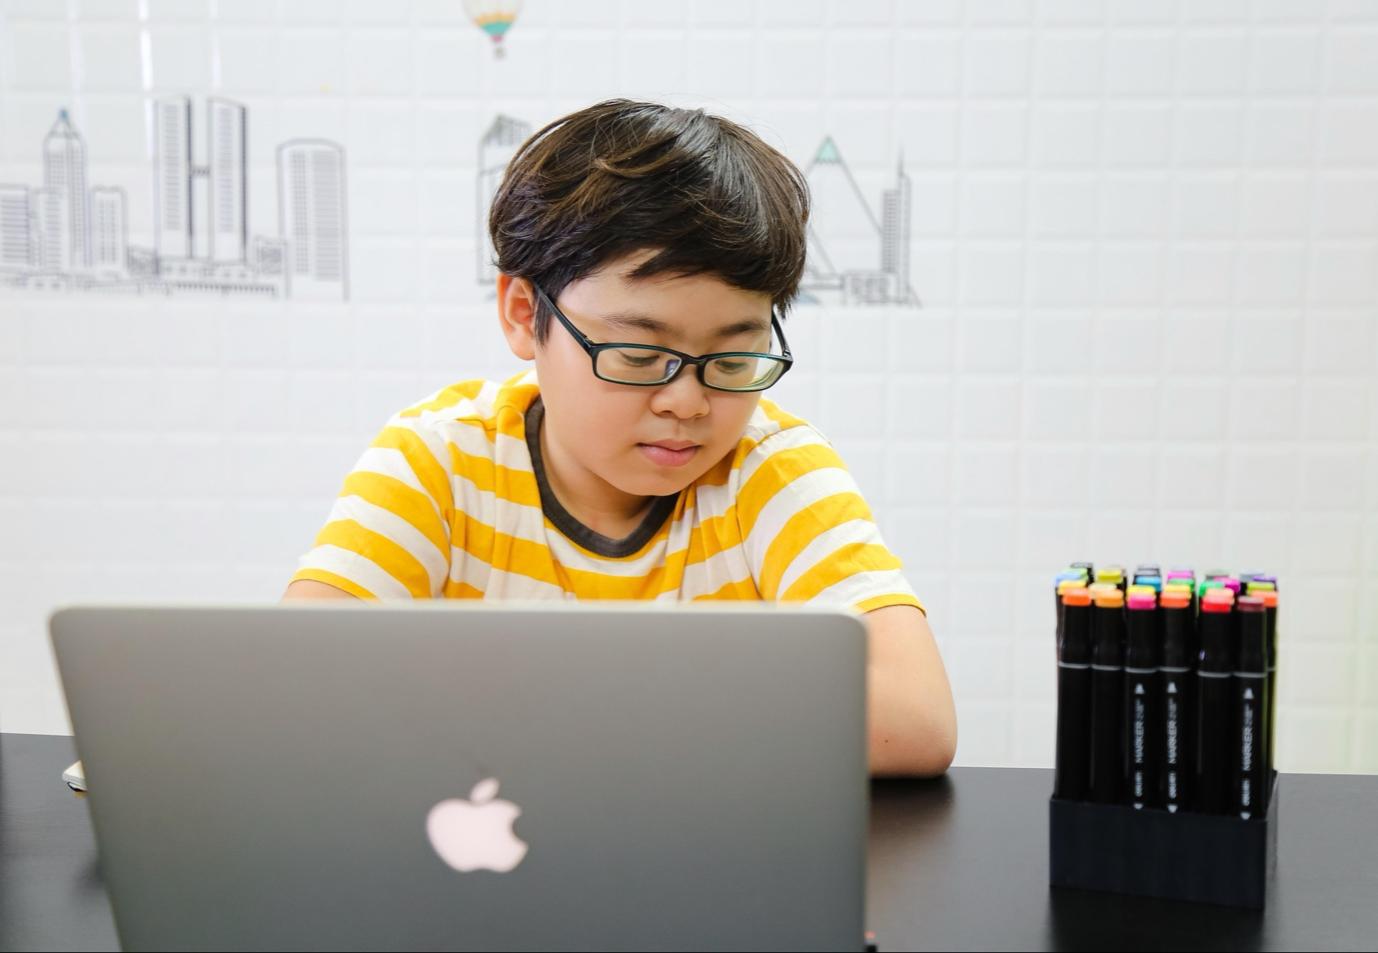 Thực trạng đáng lo ngại của bố mẹ đối với việc học online của trẻ - Ảnh 5.